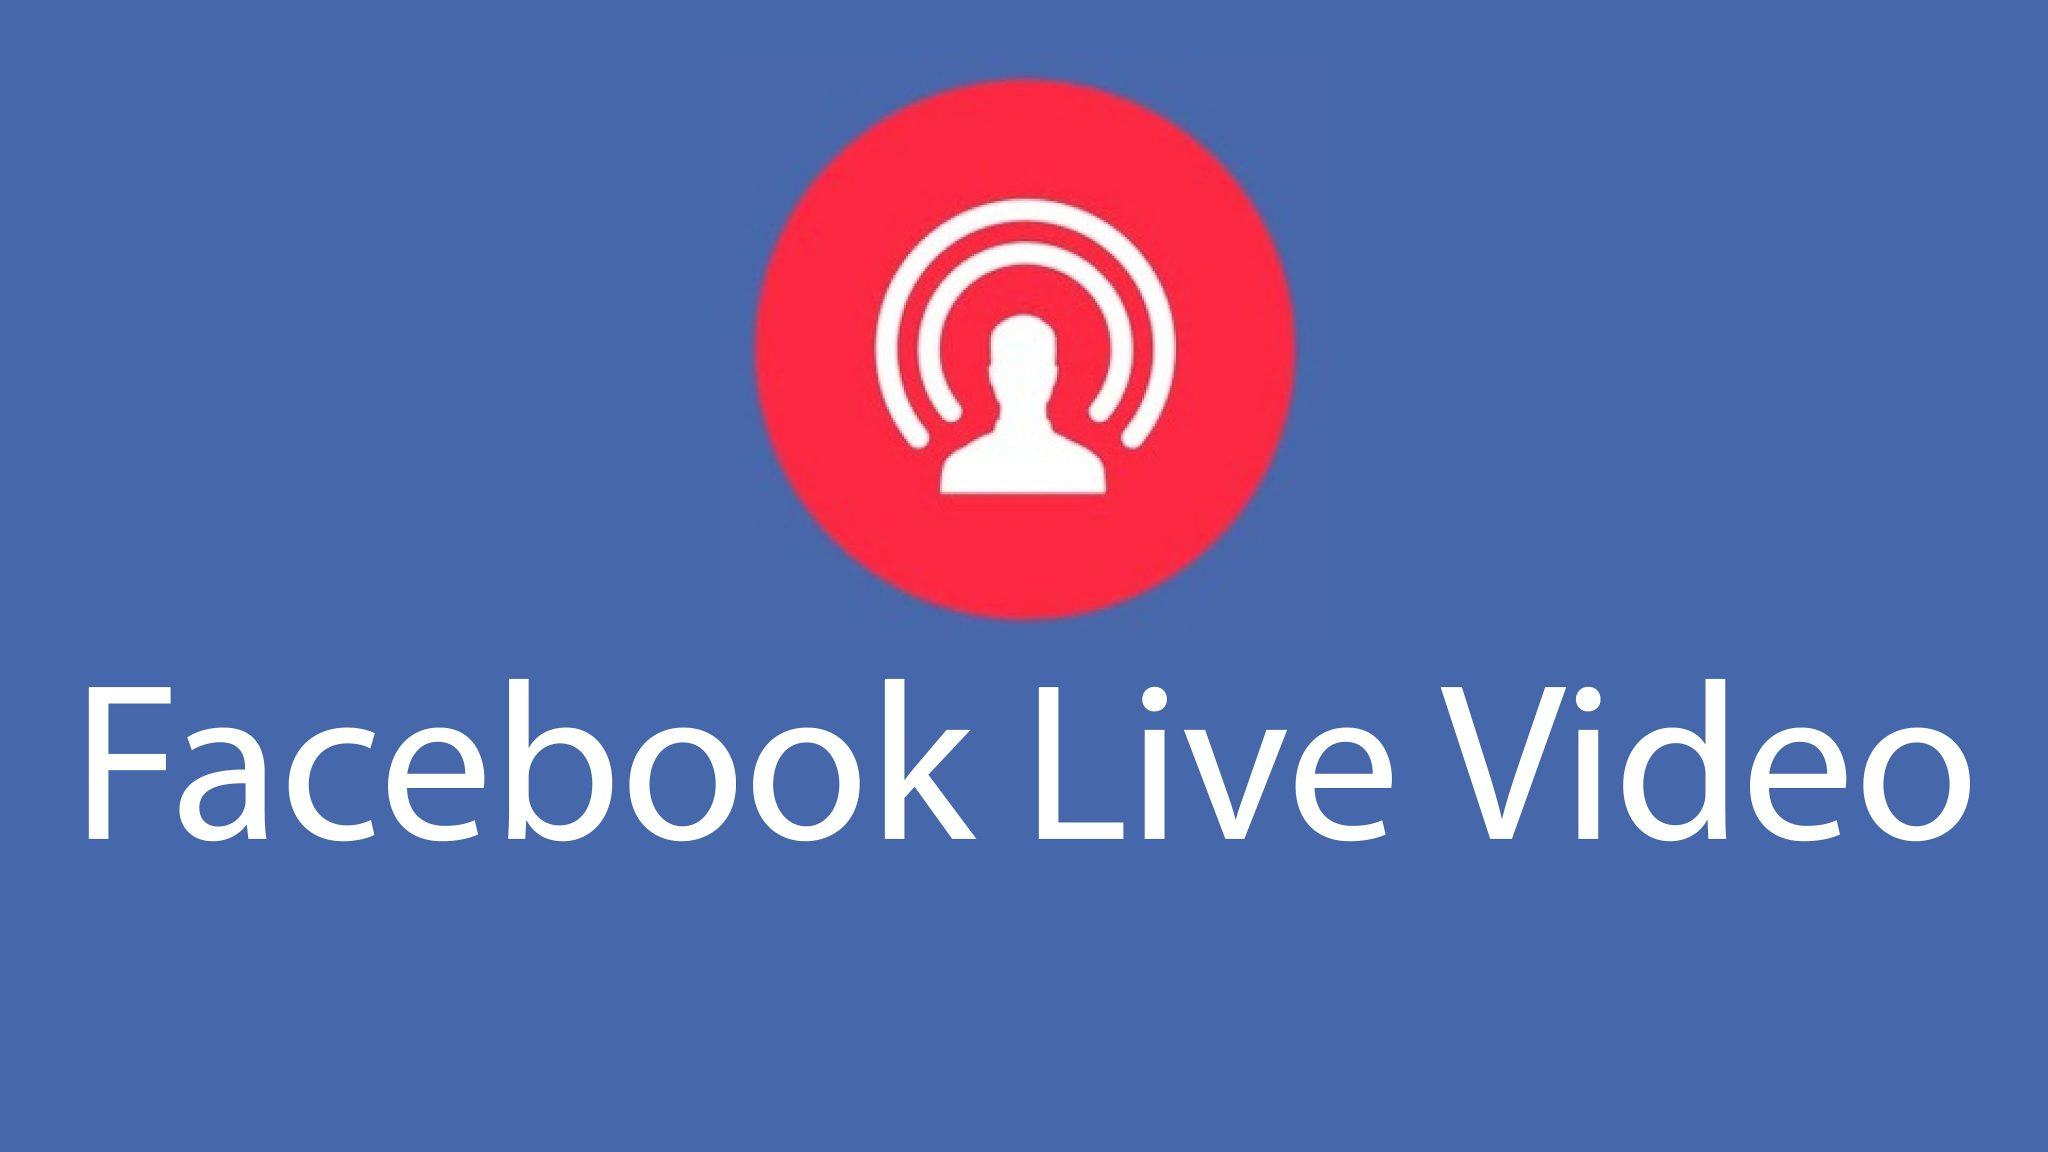 livestream - 7 mô hình bán hàng hiệu quả trên Facebook 2017